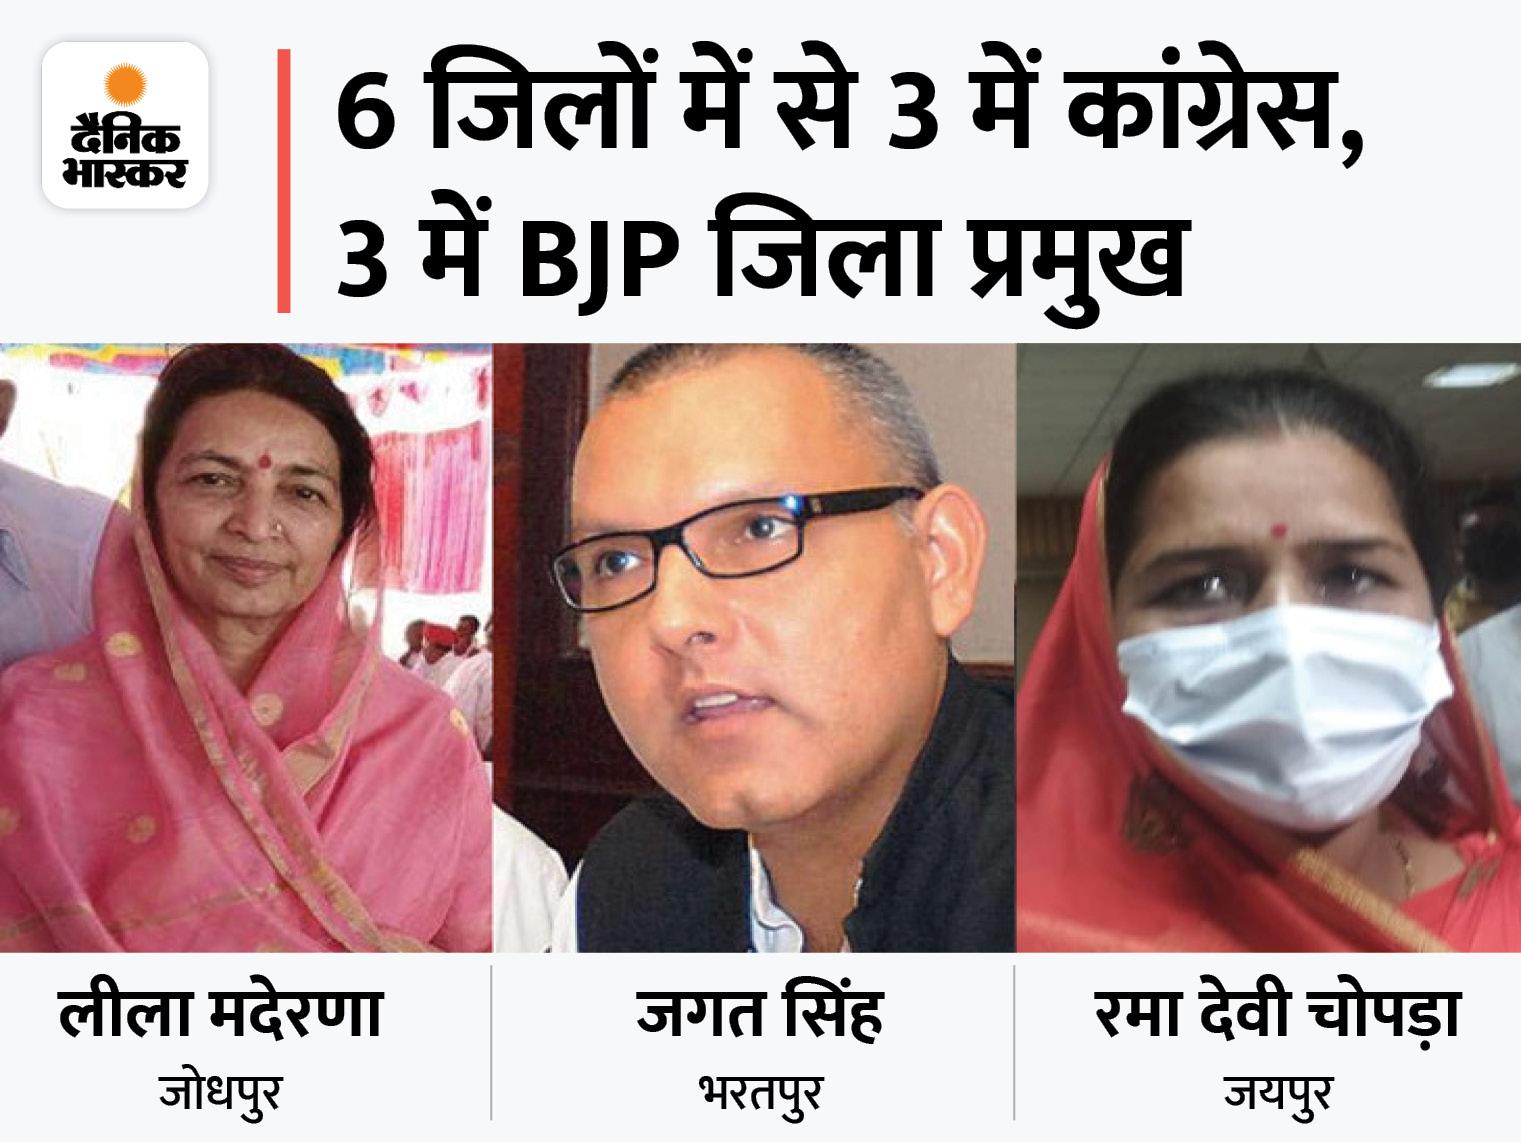 जिला प्रमुख चुनाव में कांग्रेस से चुनाव जीतीं रमा देवी बीजेपी से जिला प्रमुख बनीं, जोधपुर में लीला मदेरणा, भरतपुर से जगत सिंह जीते|जयपुर,Jaipur - Dainik Bhaskar